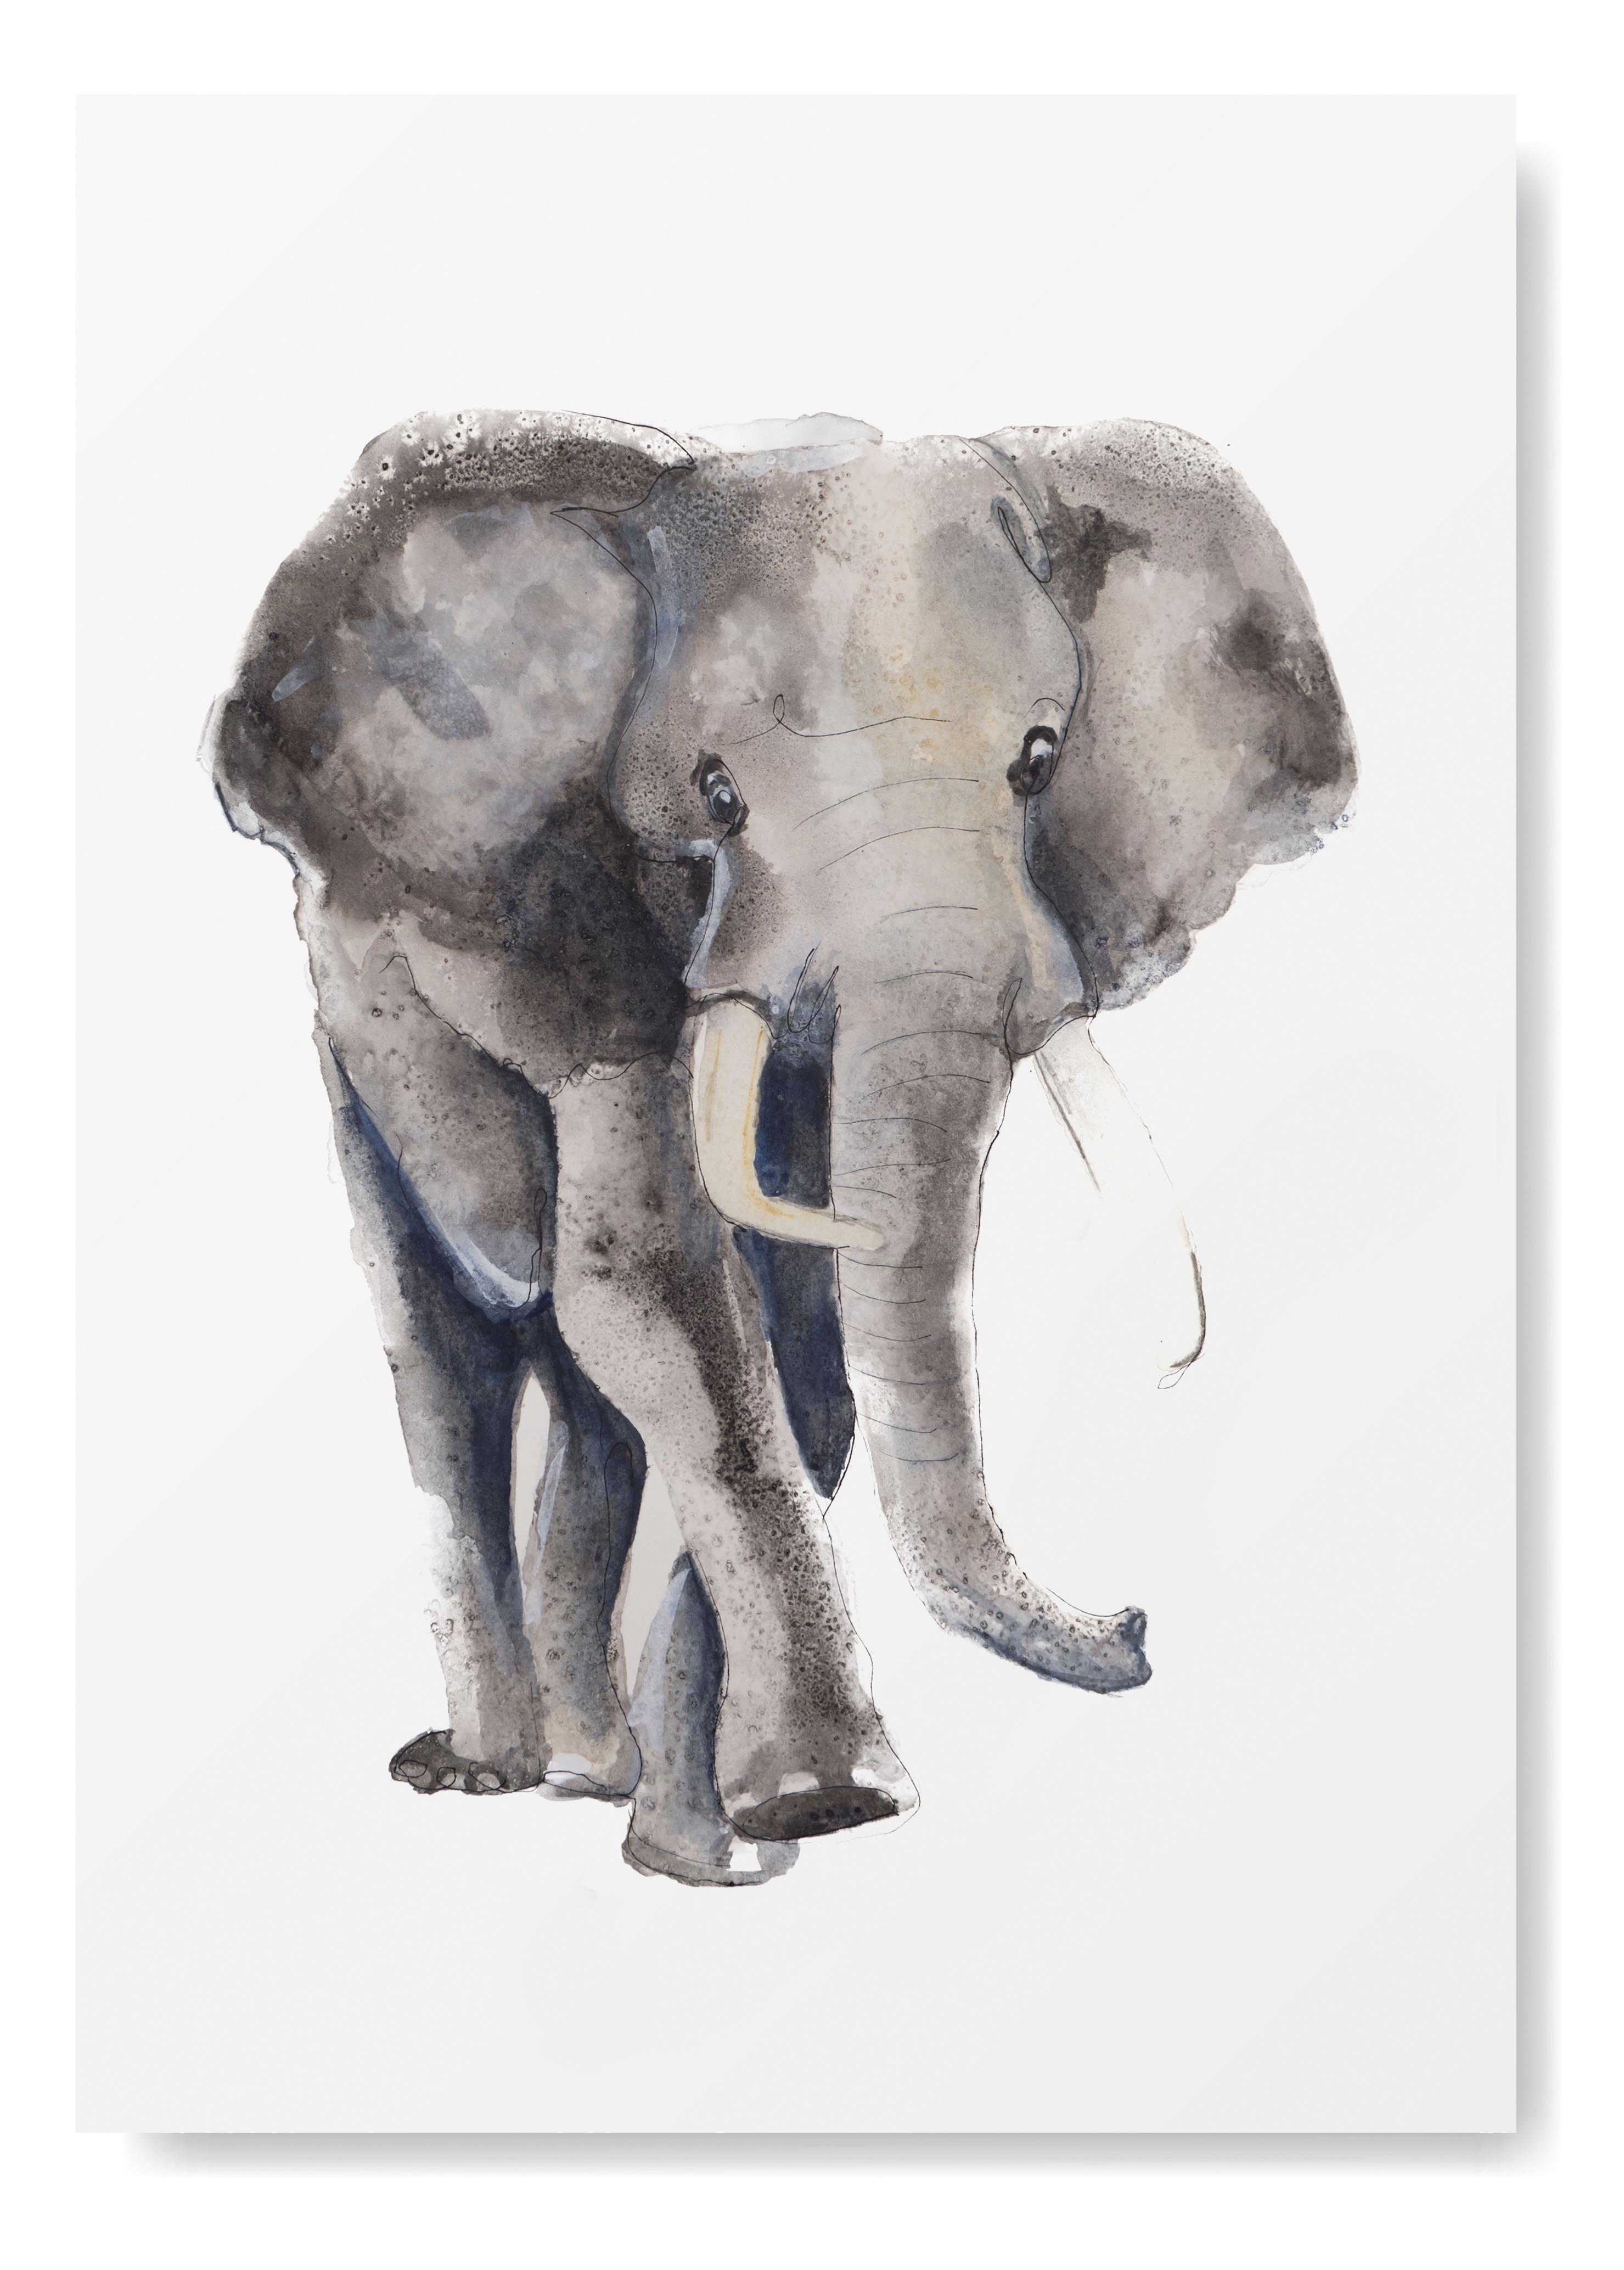 Olifant Kunstprint - Afrikaanse Dieren Kunst- Kunst aan de muur - Olifanten Poster - Dieren Art Print Angelart Kunst&Zo, Angela Peter